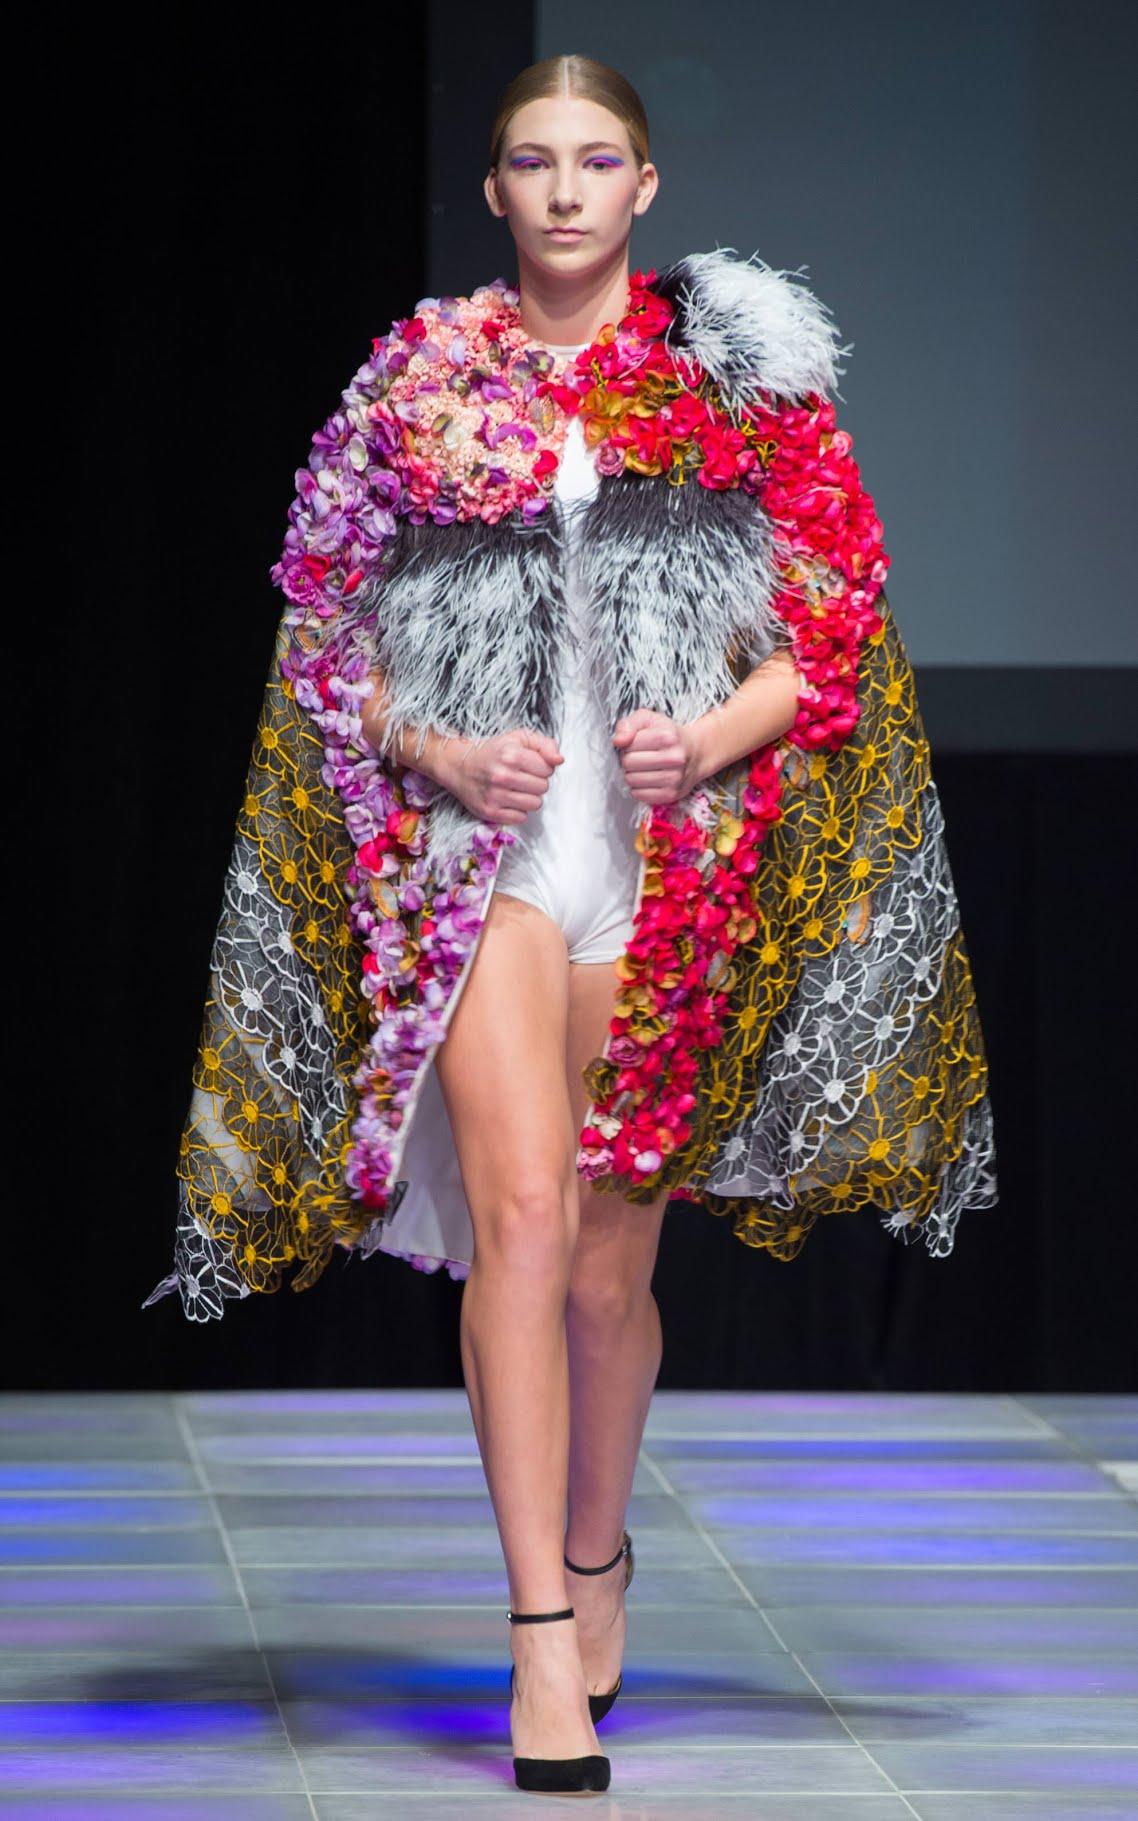 Valentines Vân Nguyễnvới bộ sưu tập All About Haute gây chấn động làng thời trang New York